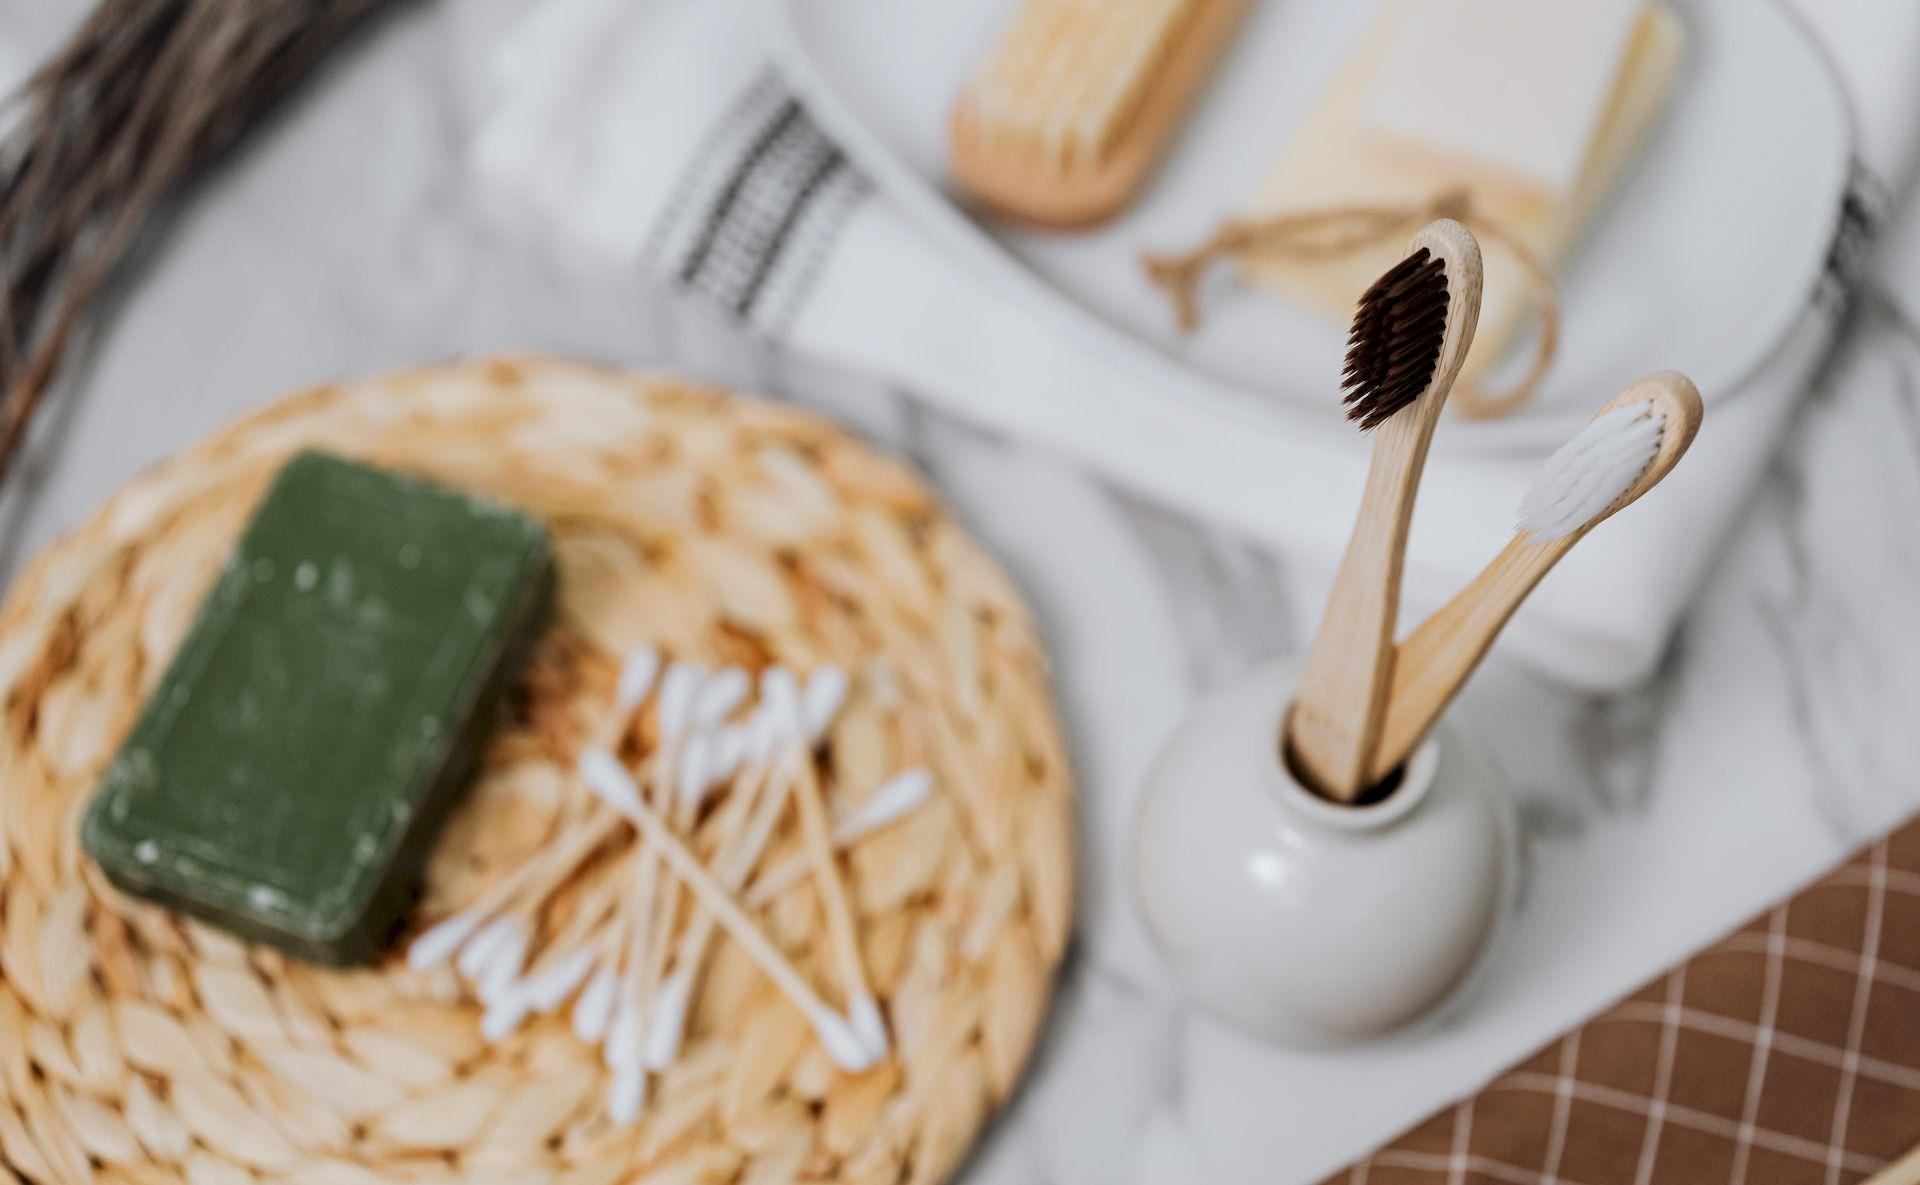 Tienda Online de productos de limpieza a granel para el cuidado personal, ecológicos, biodegradables y eco sostenibles